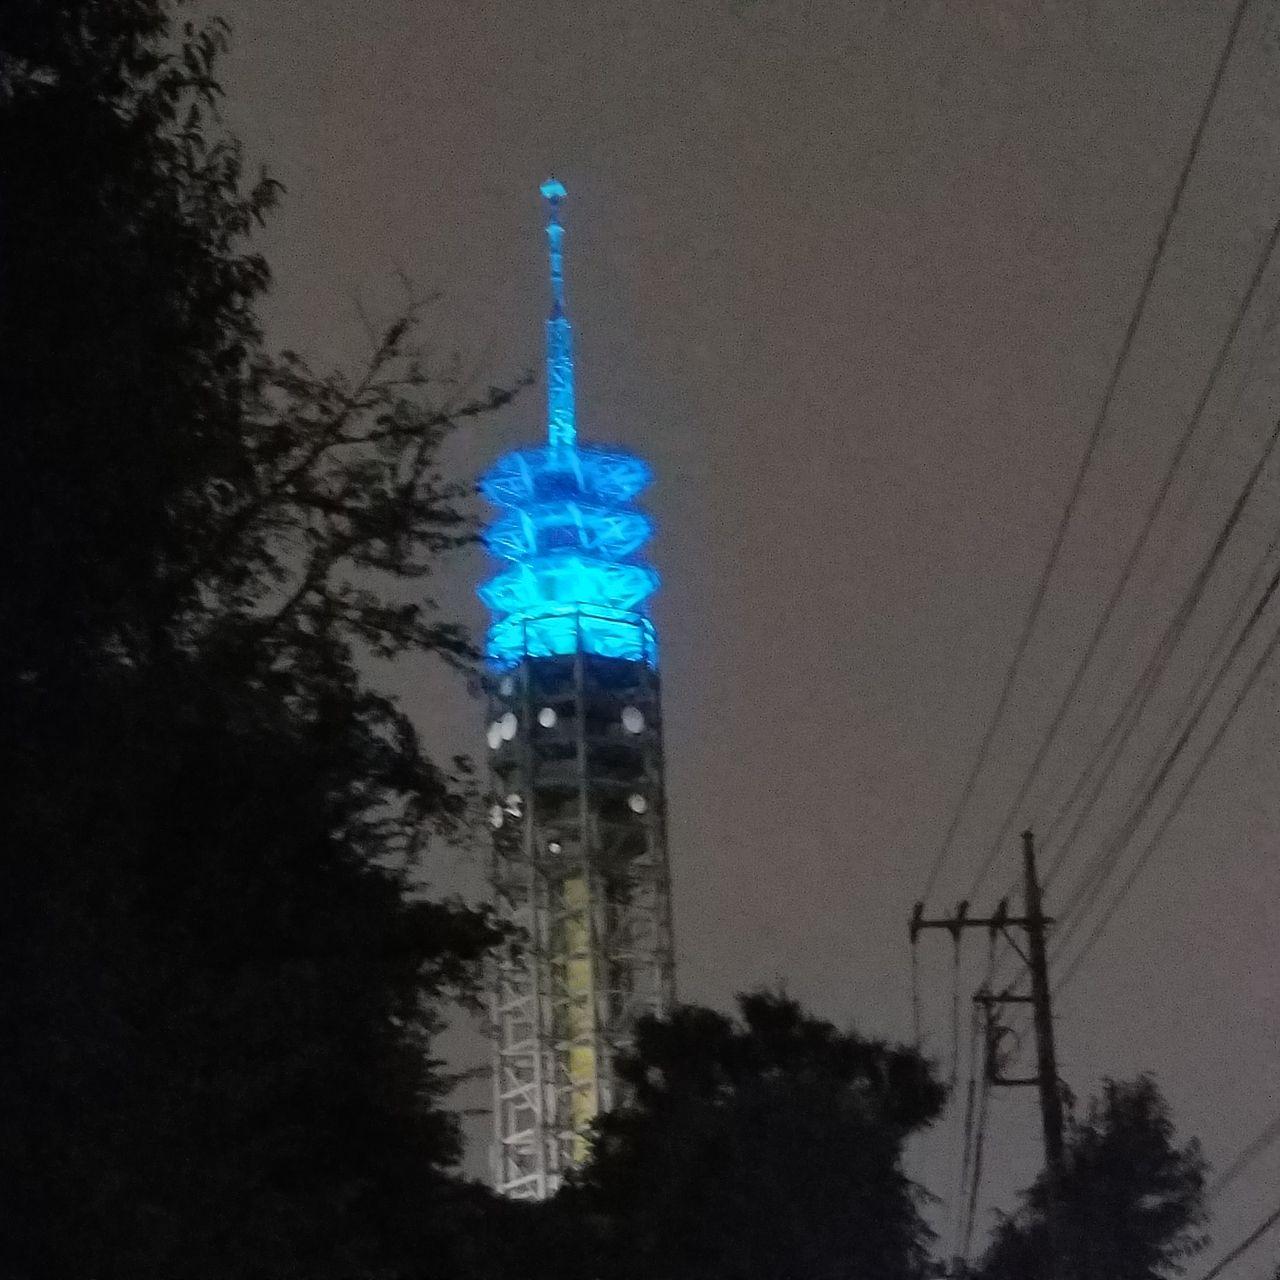 水色にライトアップされた雨にけむるカイタワー西東京